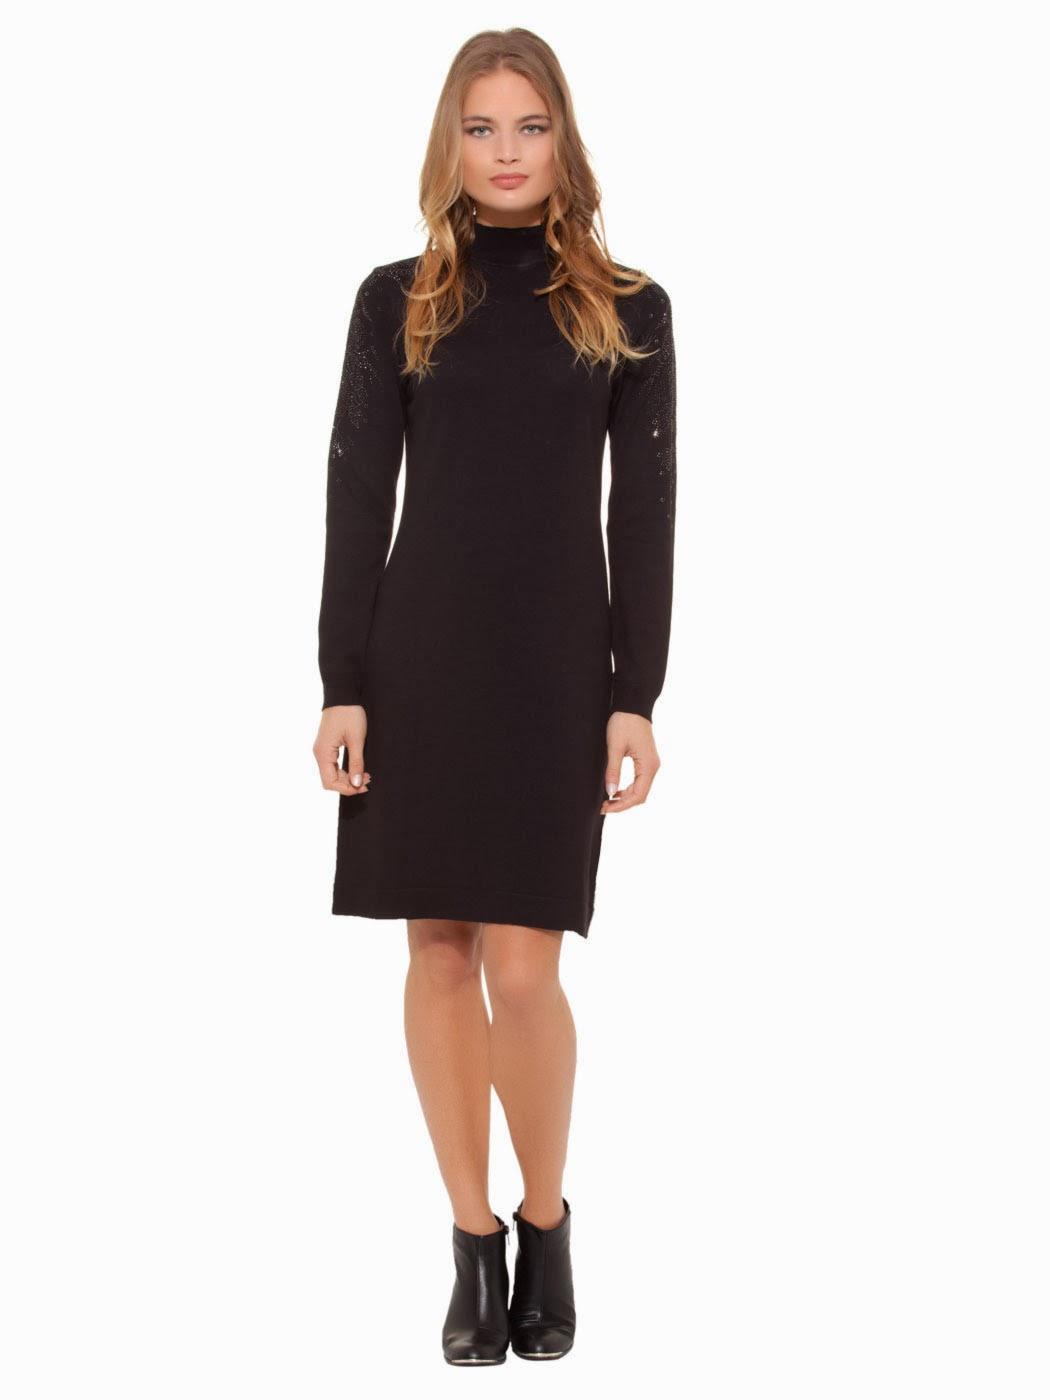 boğazlı elbise, siyah elbise